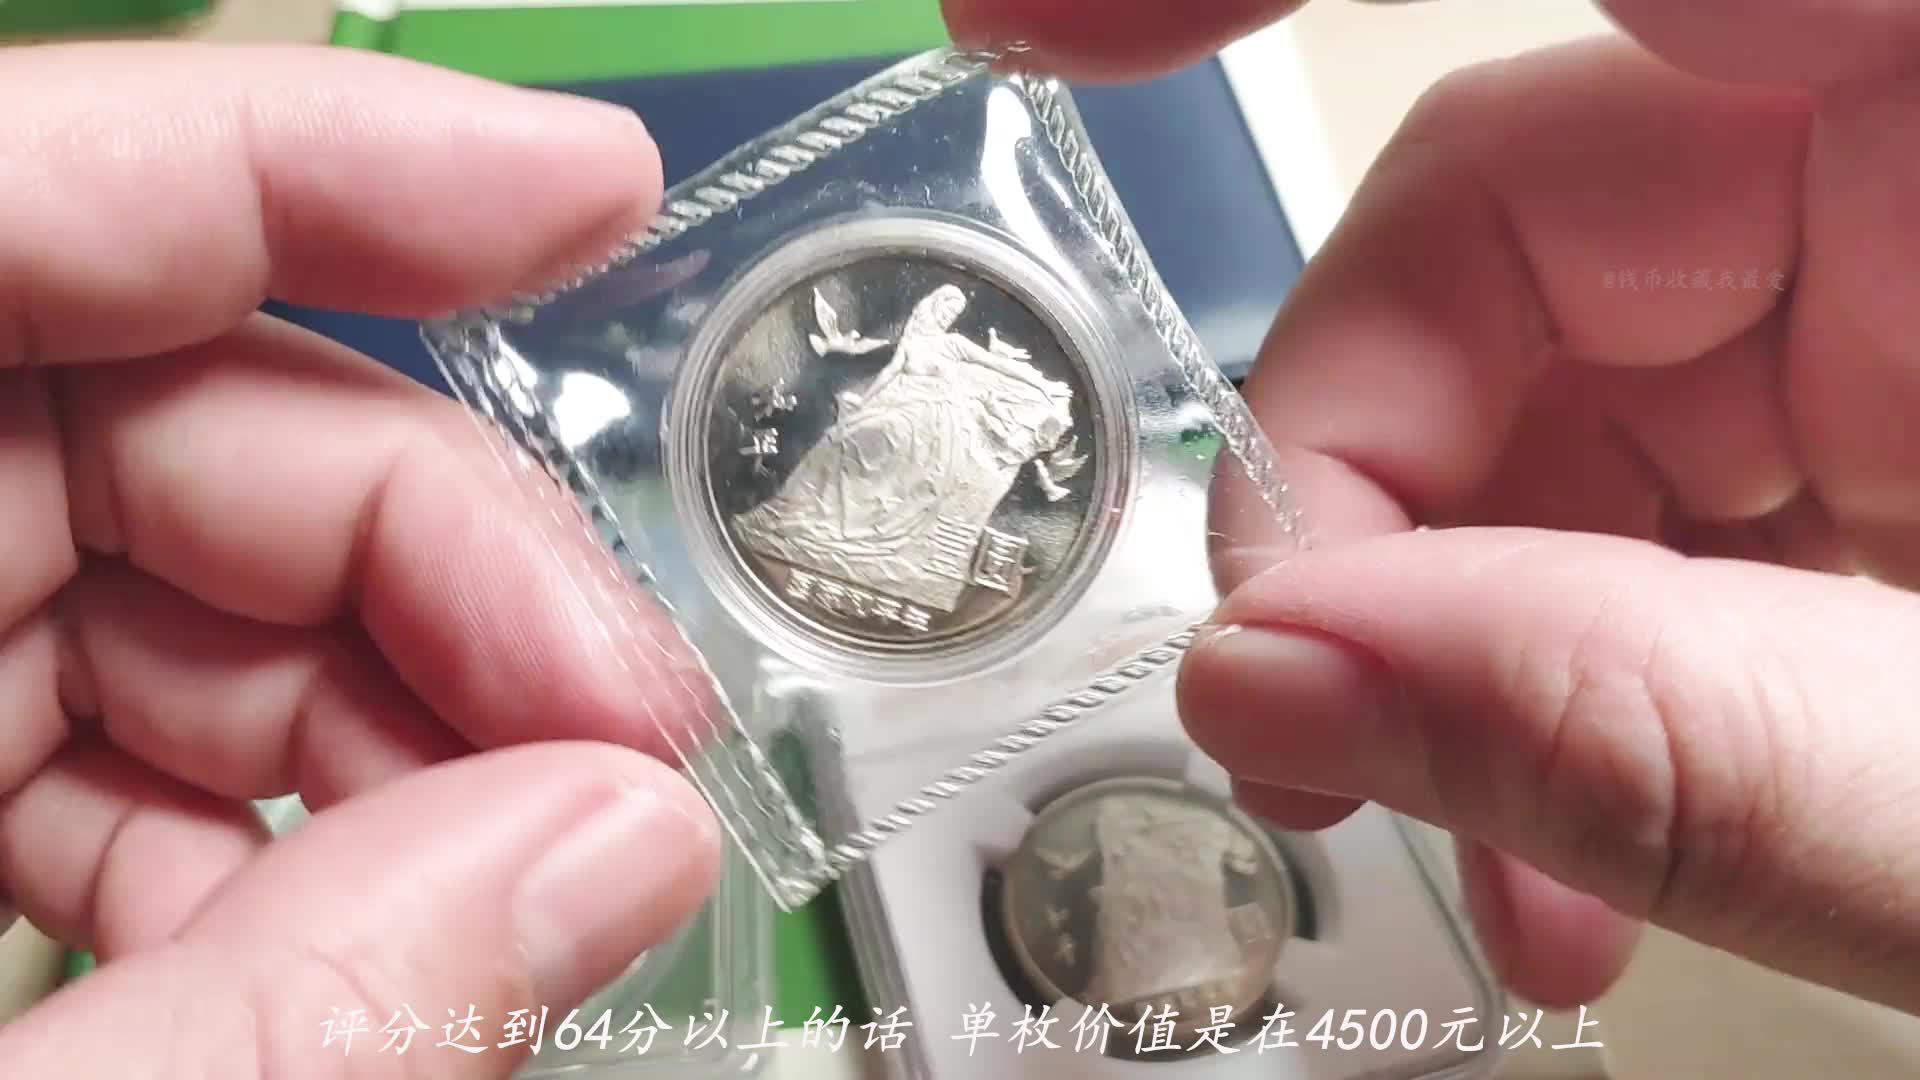 这枚1元纪念币,最少能卖4500元,拥有一枚就知足!